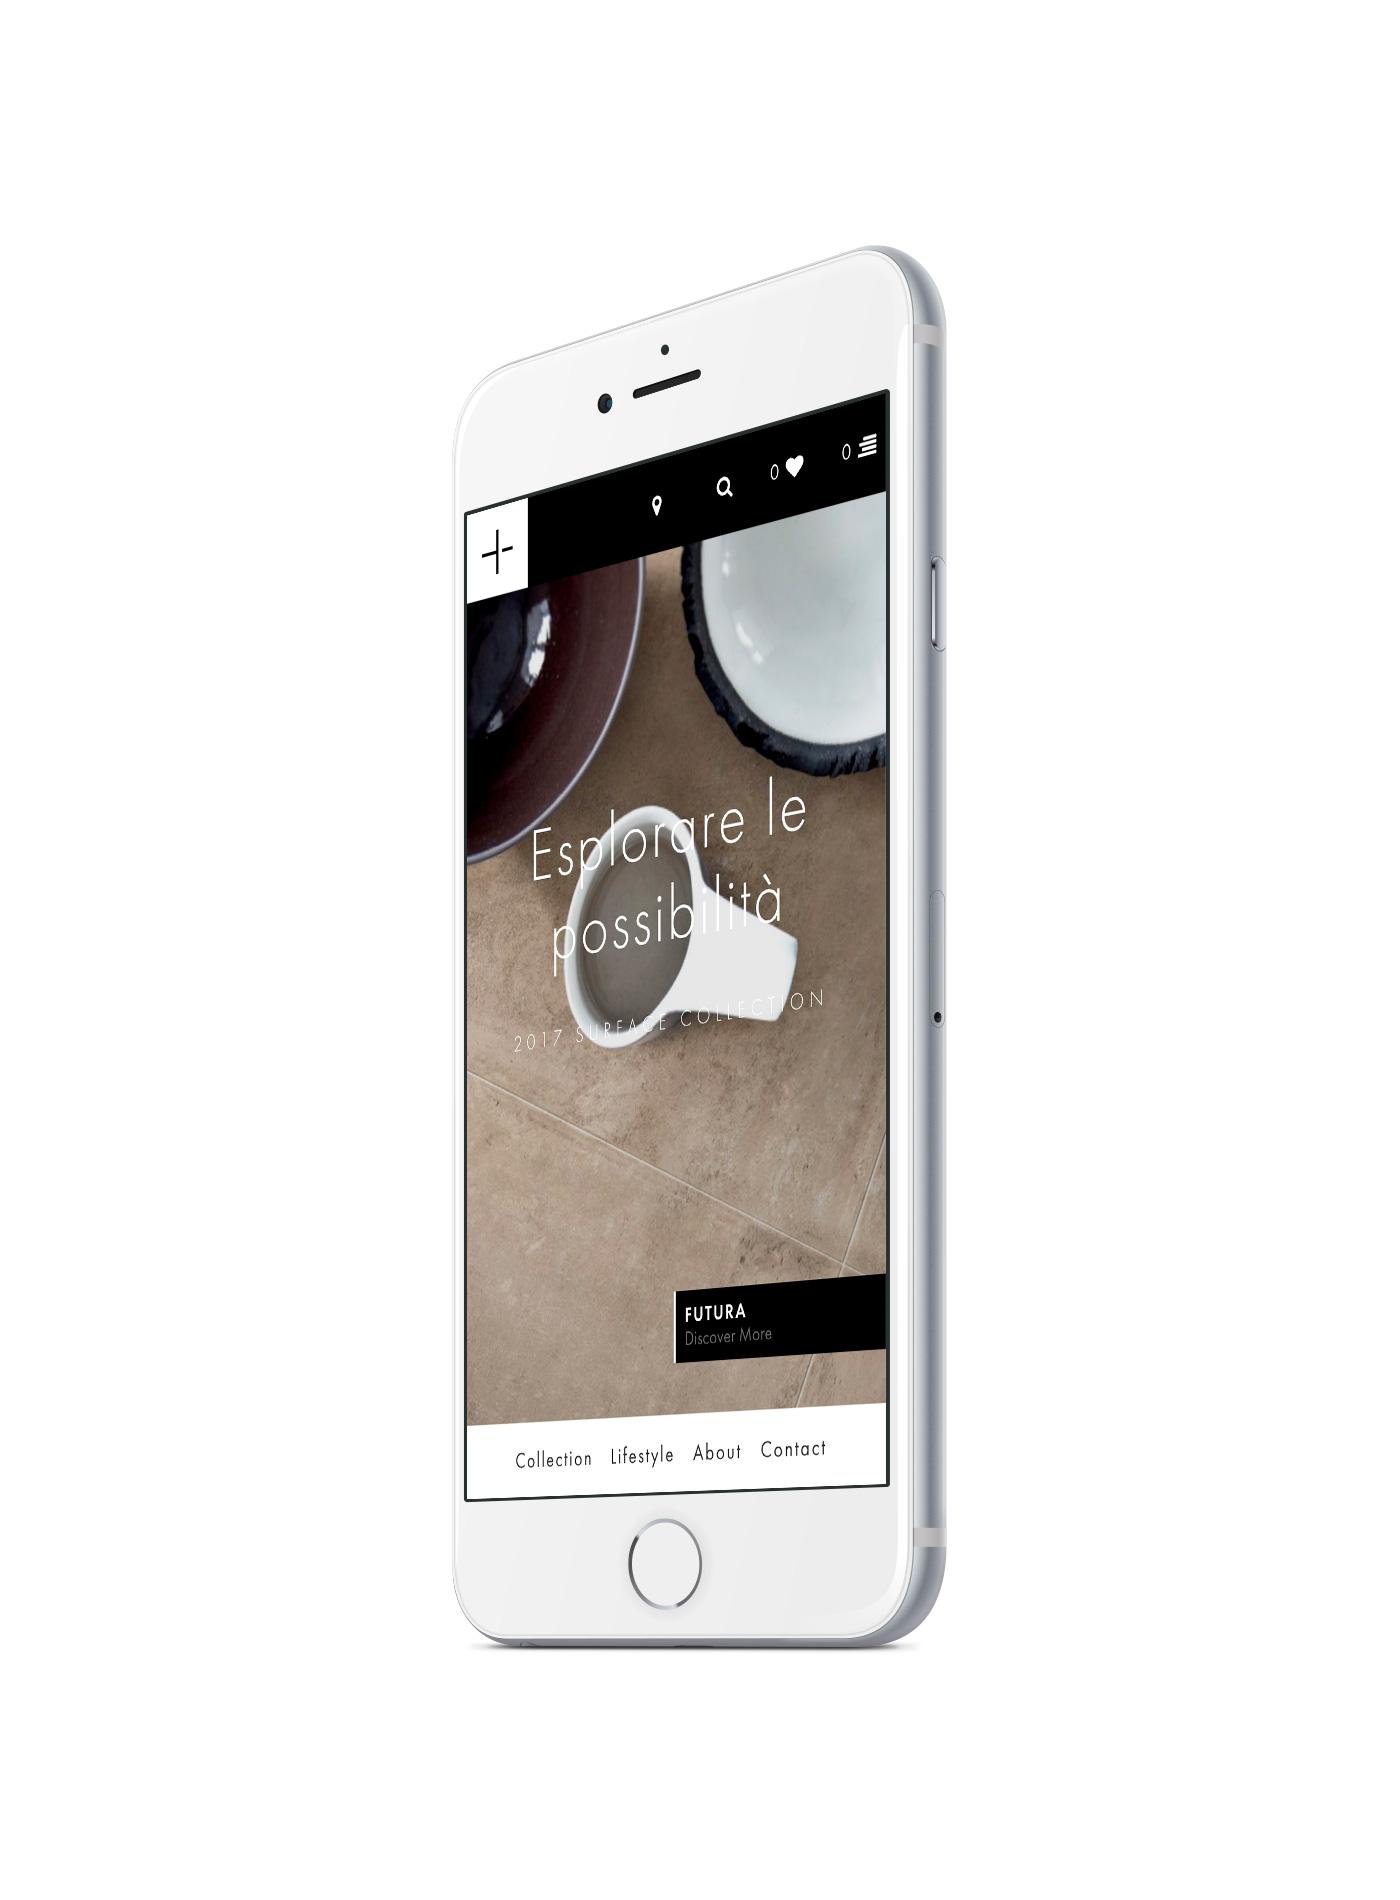 porcelain-tiles-iphone